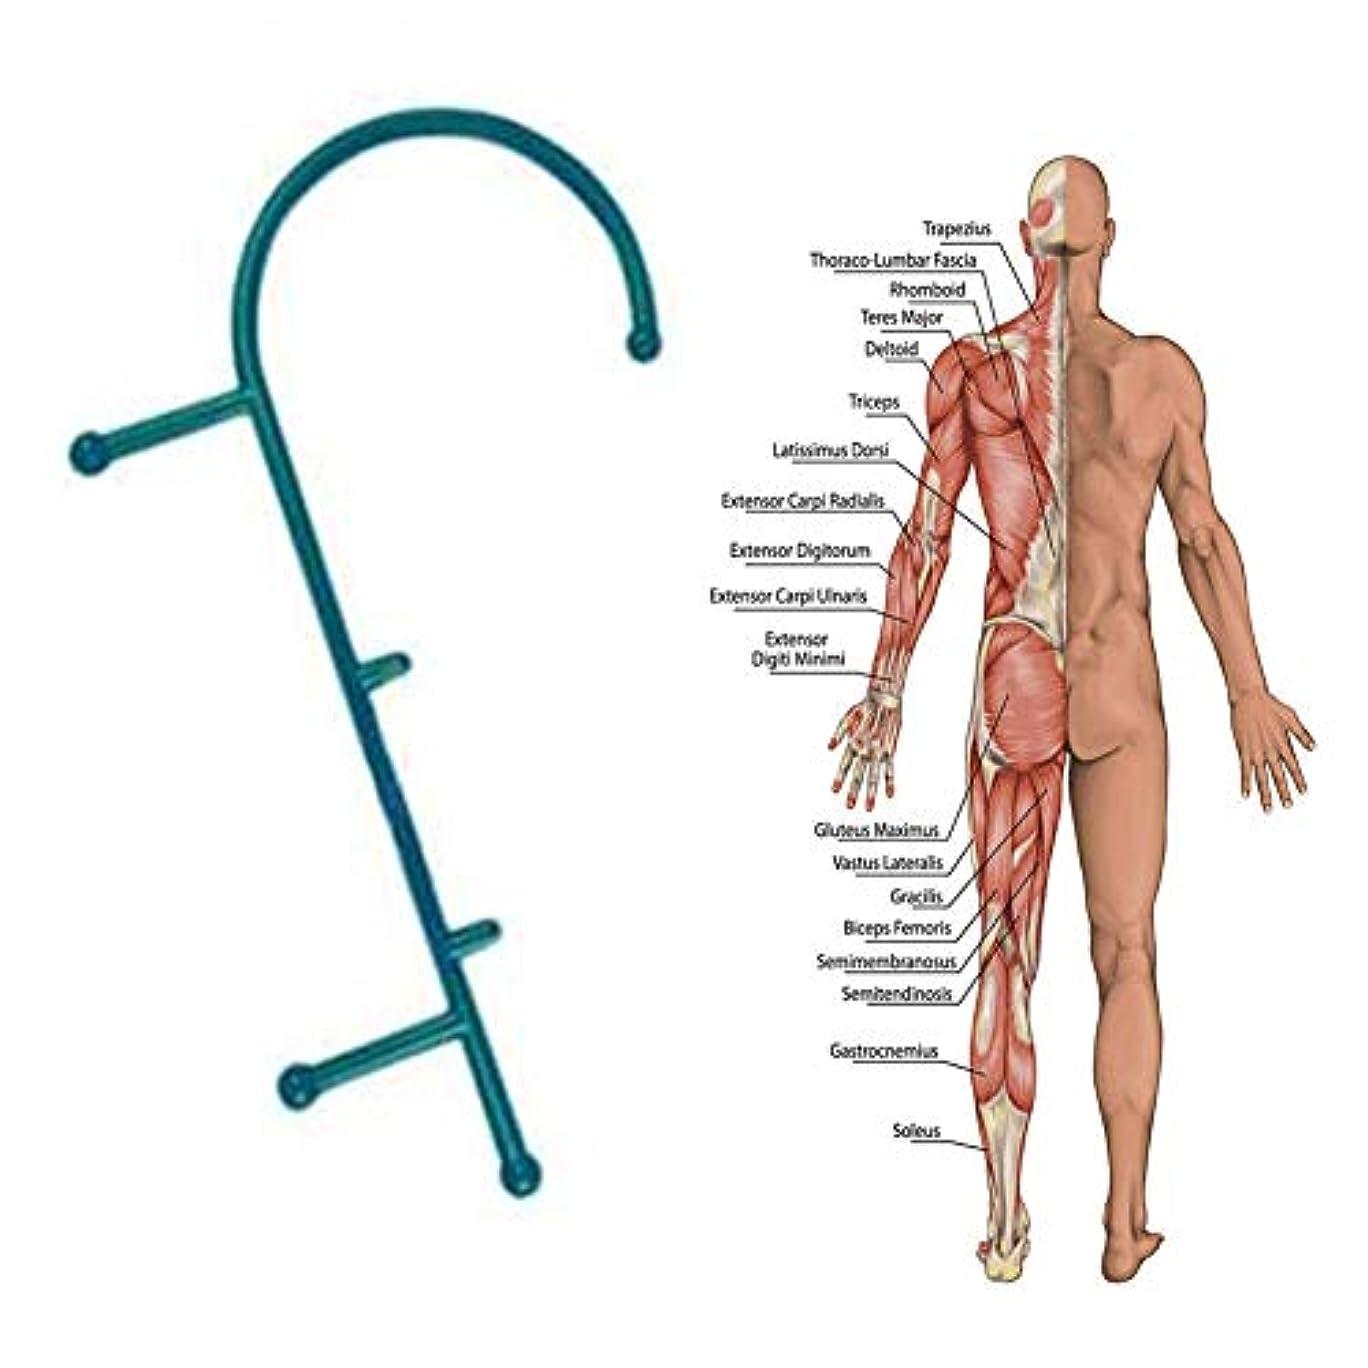 チーフビート翻訳するトリガーポイントリリーフマッサージポイントセラピーマッサージツール背中の首の痛みのためのC字型ディープマッスルハンドマッサージャー筋肉マッスル筋膜リリース-ダークグリーン